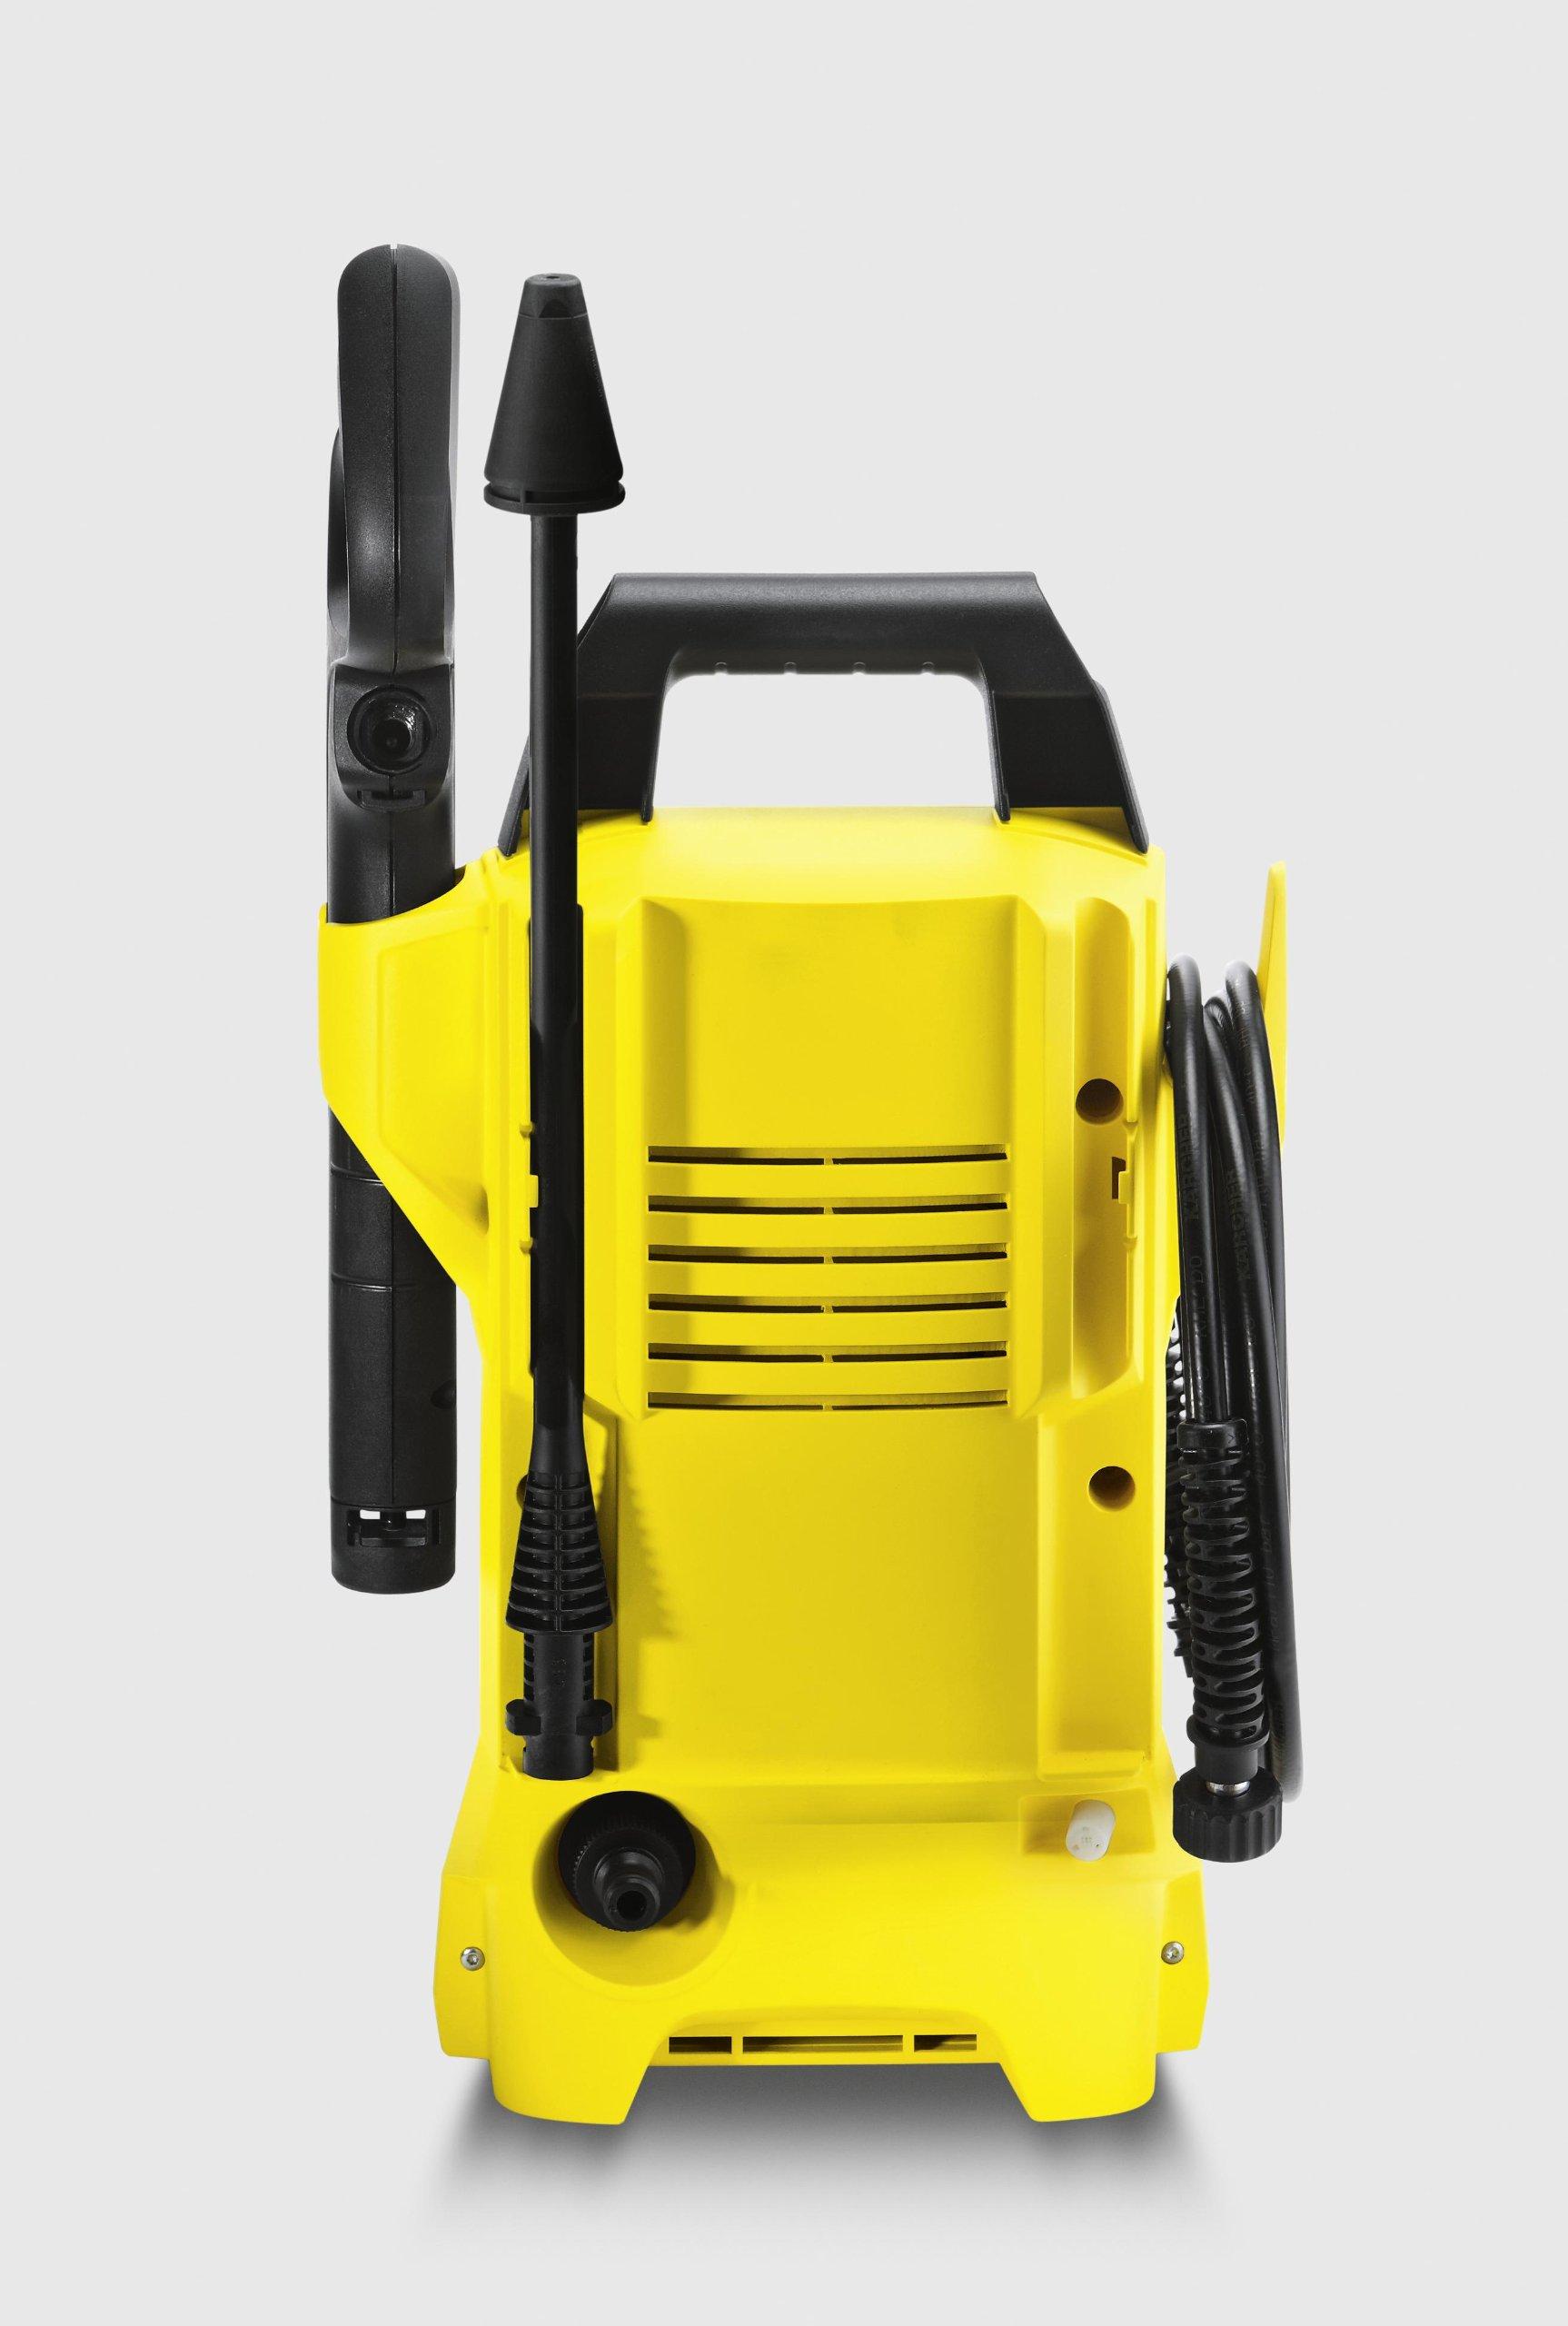 Krcher-1673-1000-Hochdruckreiniger-X-Range-2100